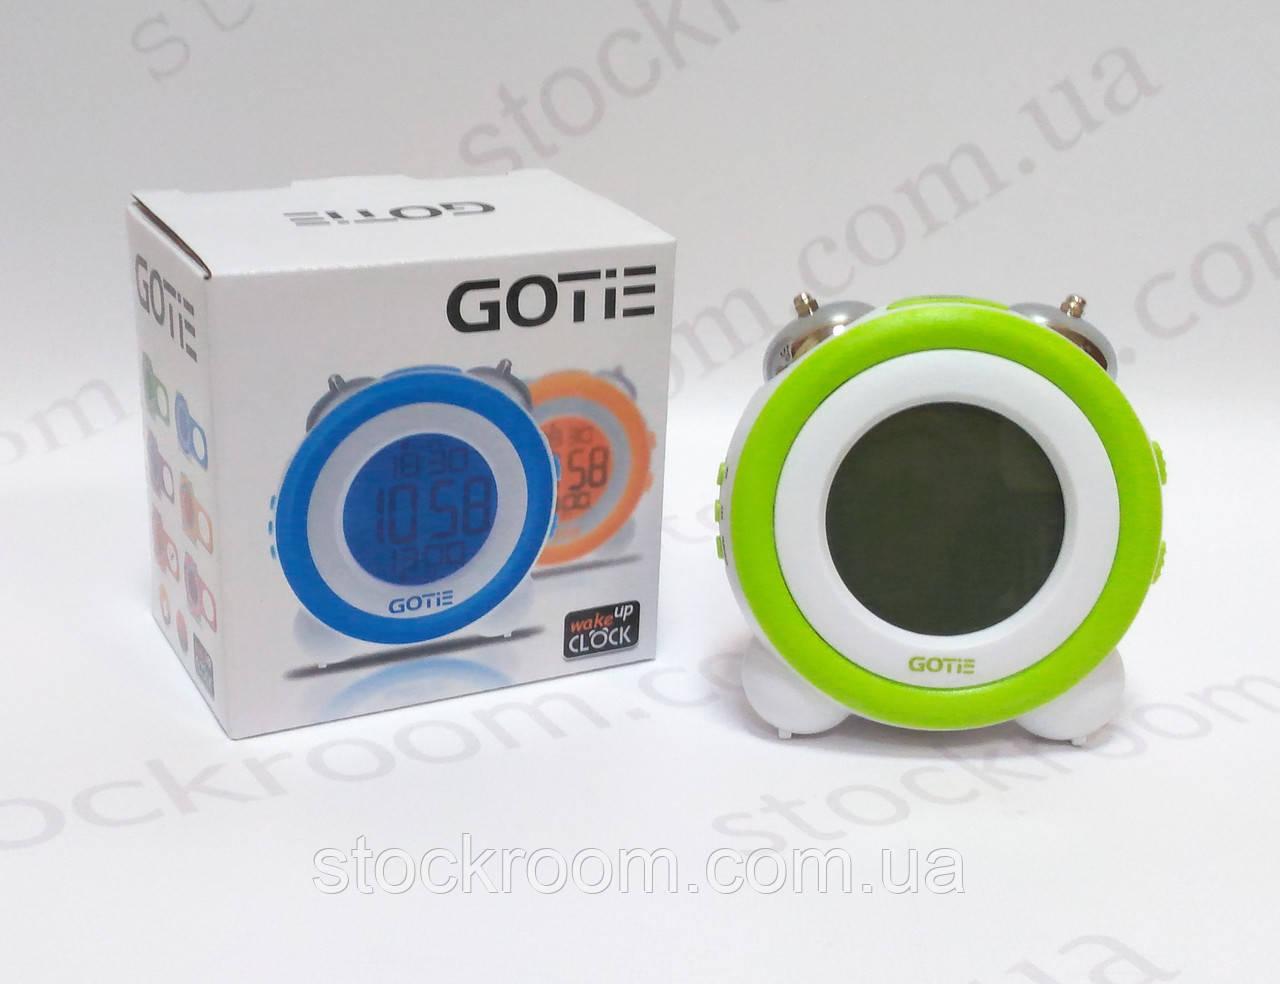 Электронный будильник зеленый GOTIE GBE-200 Z настольный